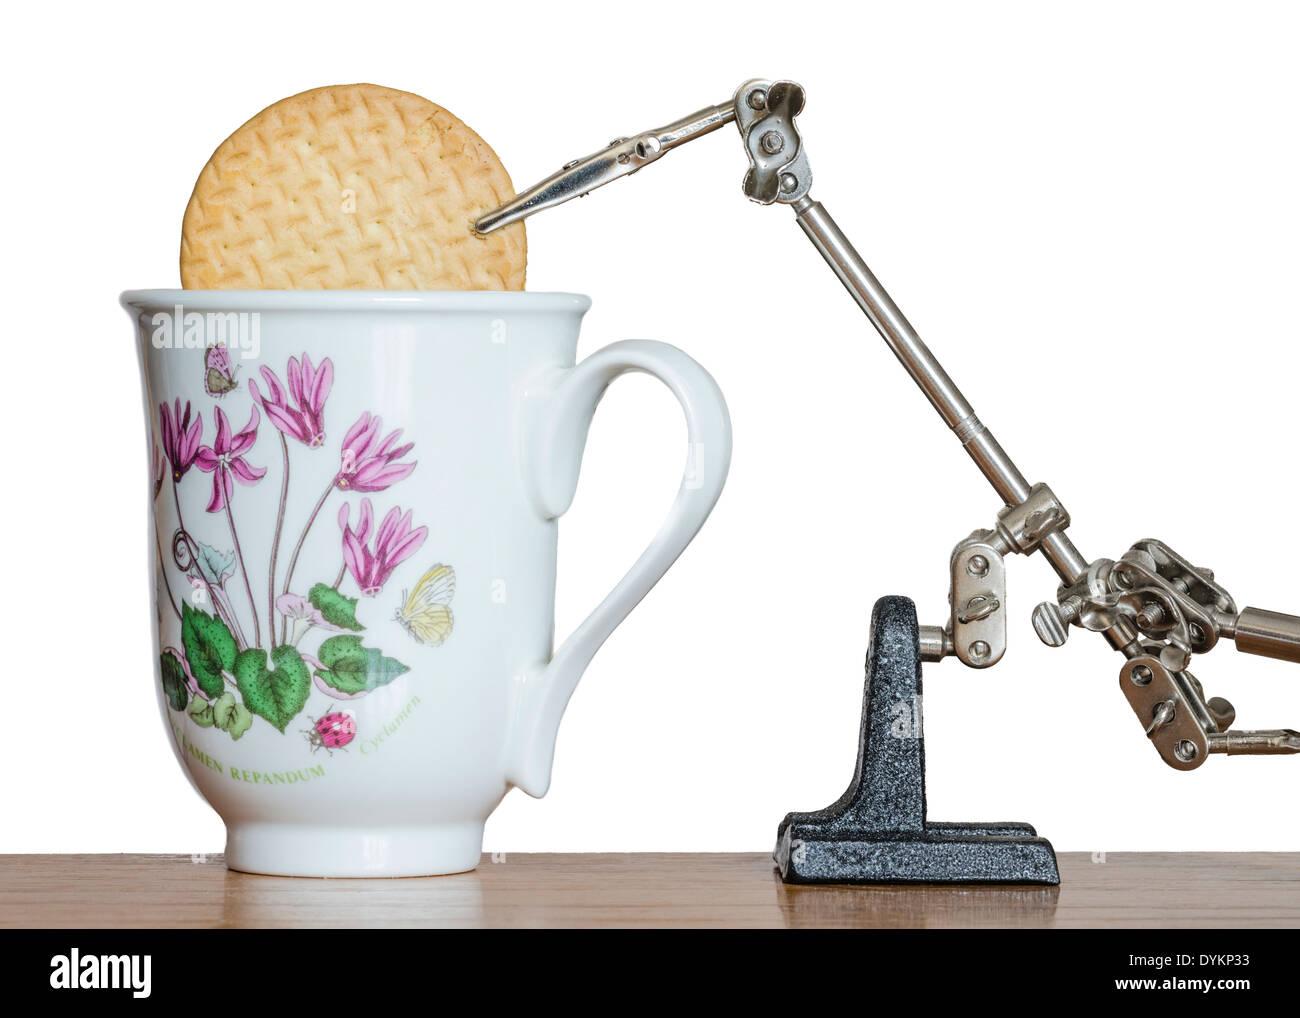 Abstrakte Keks dunking Roboter. Obskure Maschine. Konzeptionelle Kunst zeitgenössische Kunst. sinnlose Erfindung. Stockfoto